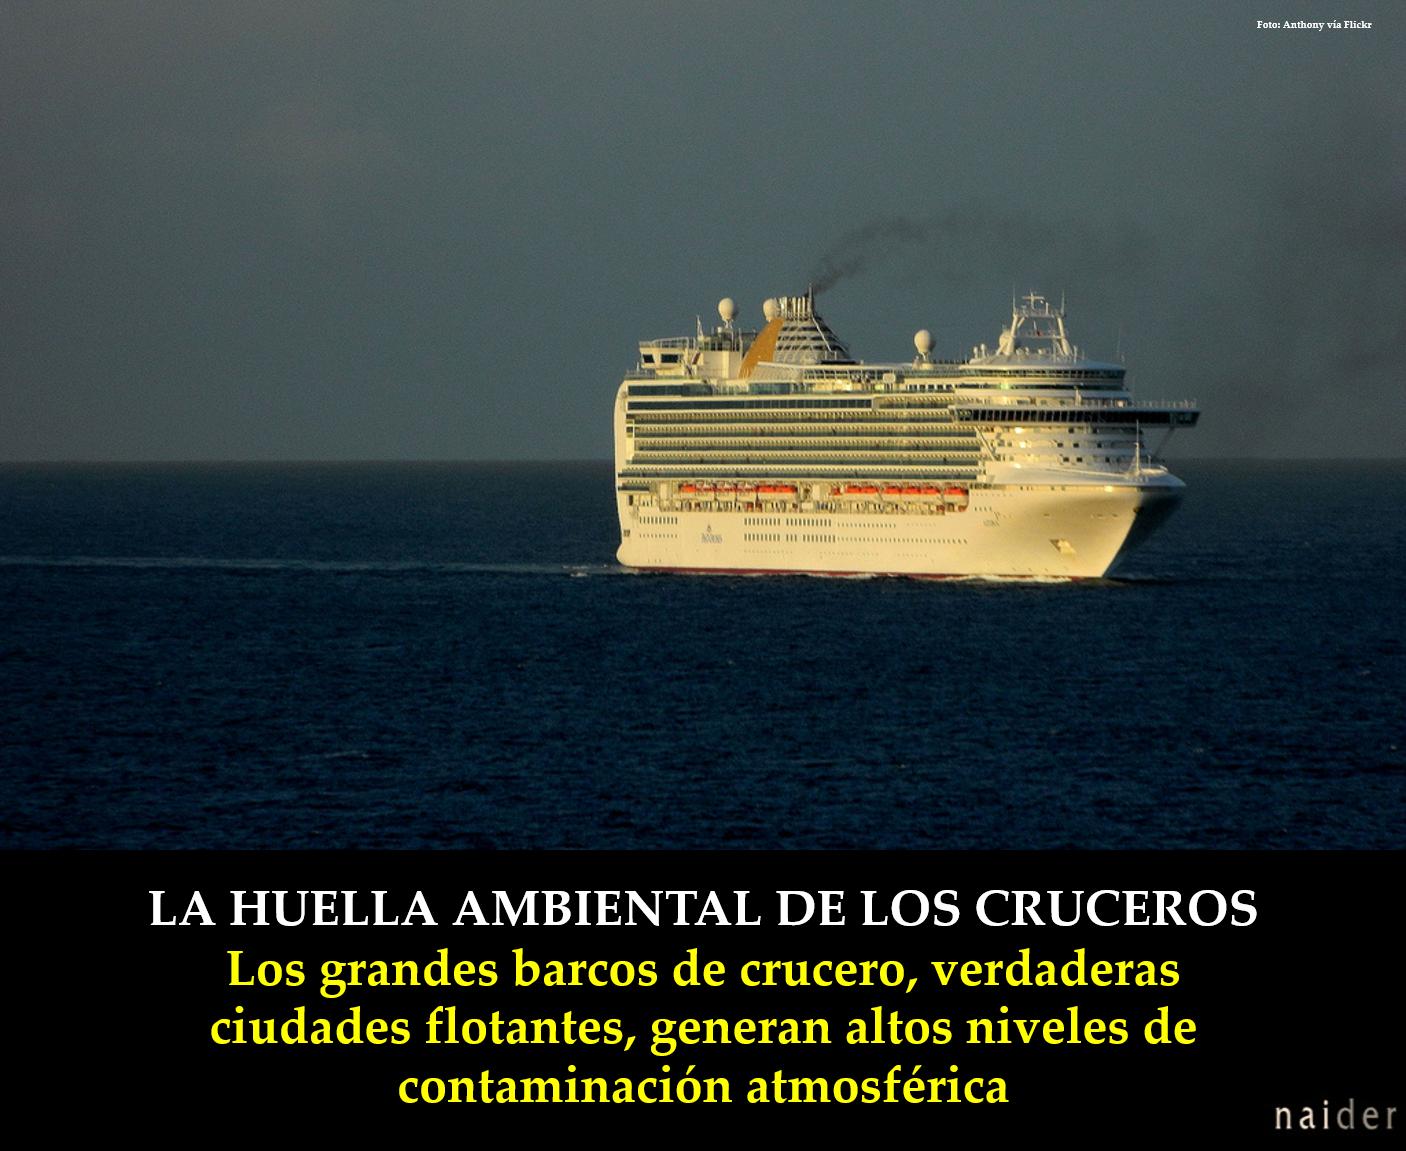 La huella ambiental de los cruceros infopost